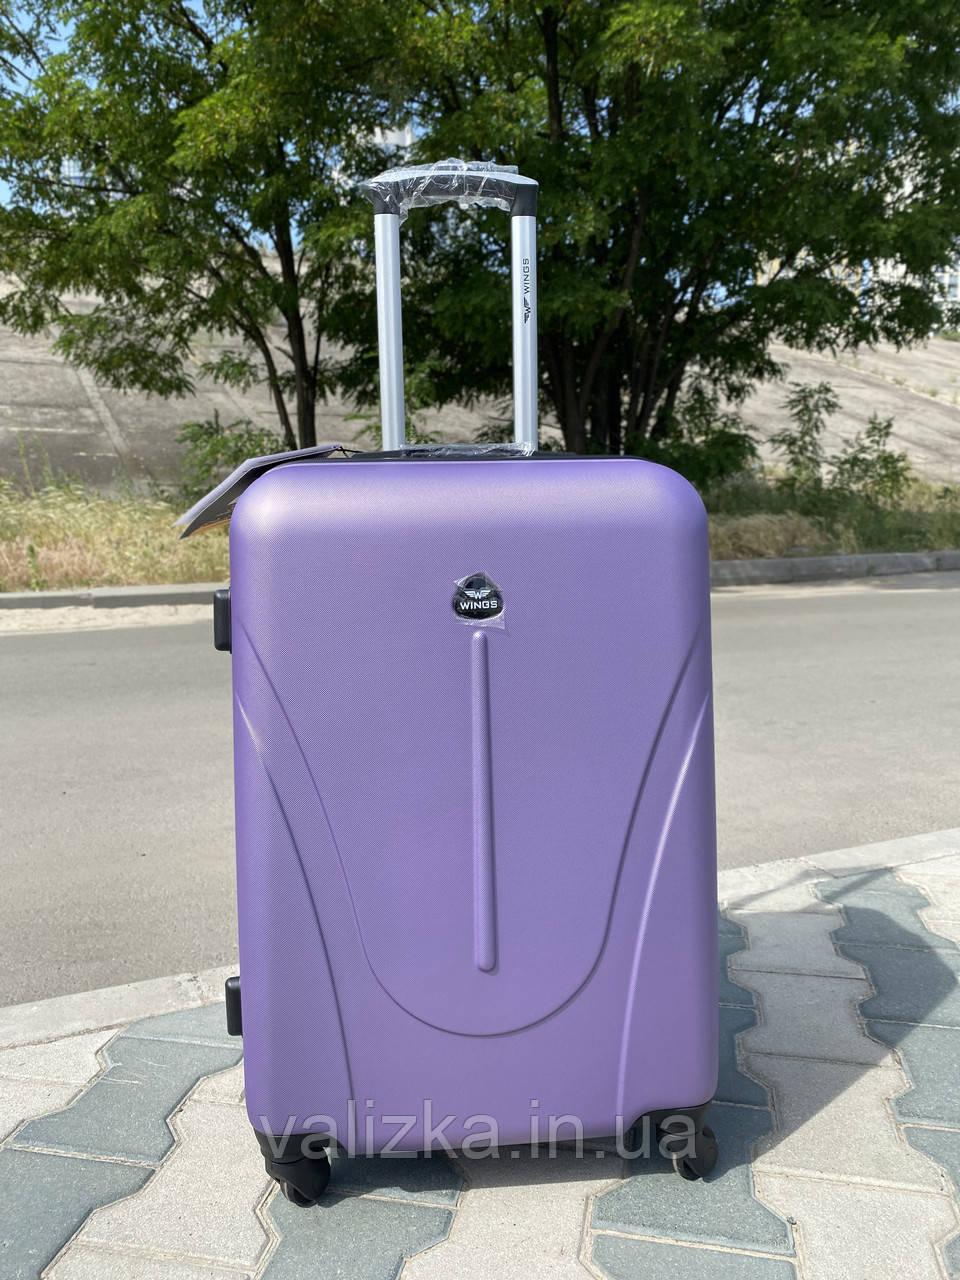 Середній пластиковий чемодан фіолетовий на 4-х колесах / Середня пластикова валіза золота